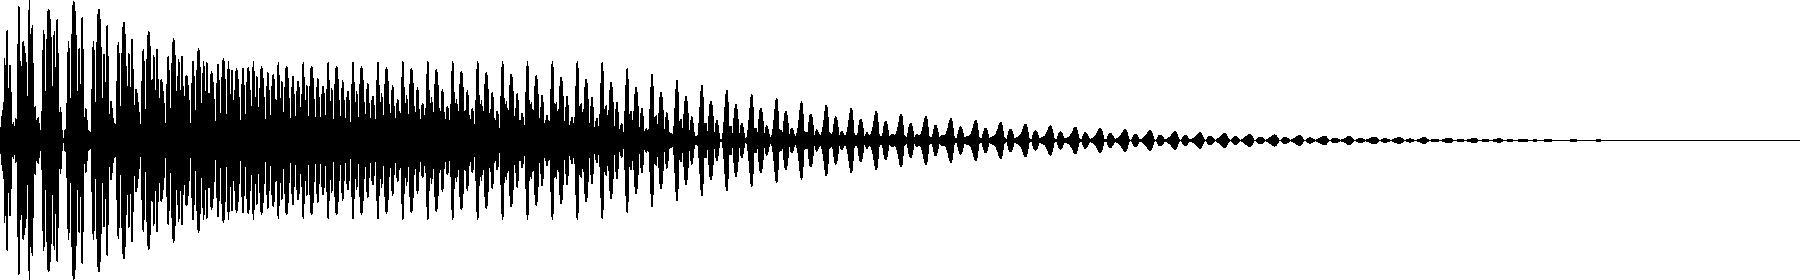 vedh bass cut 126 a